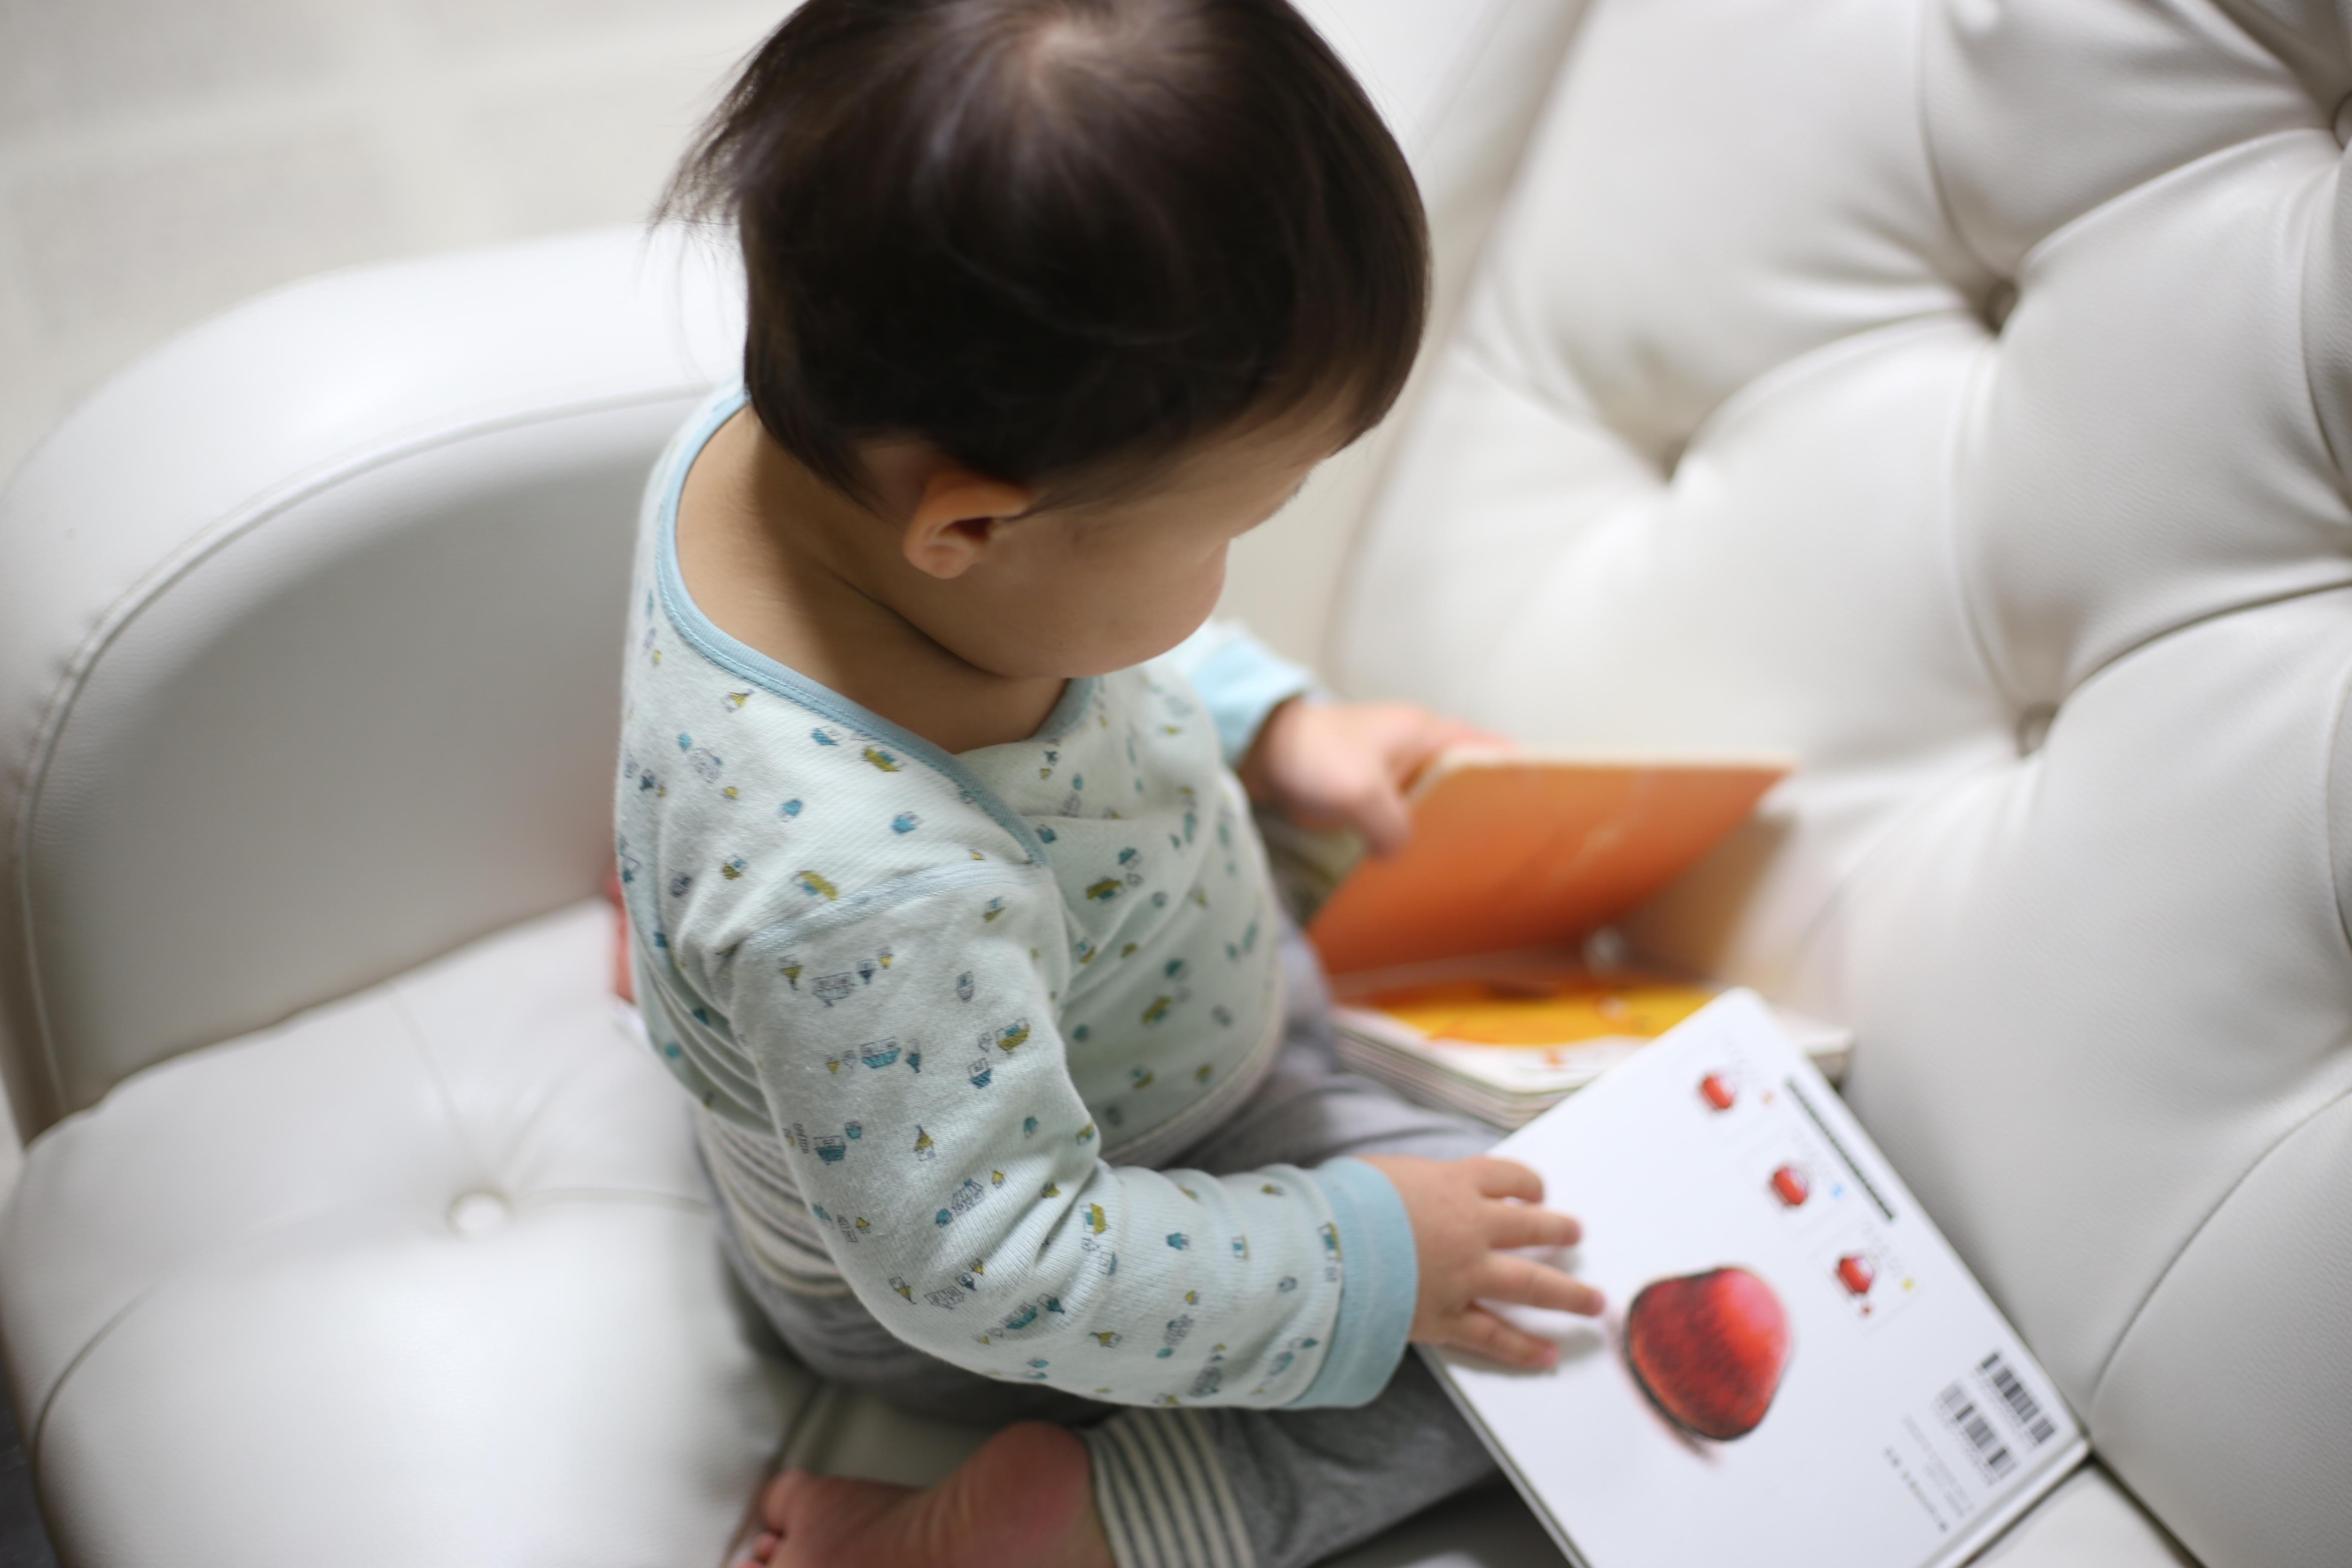 うちの息子のお気に入り絵本をご紹介